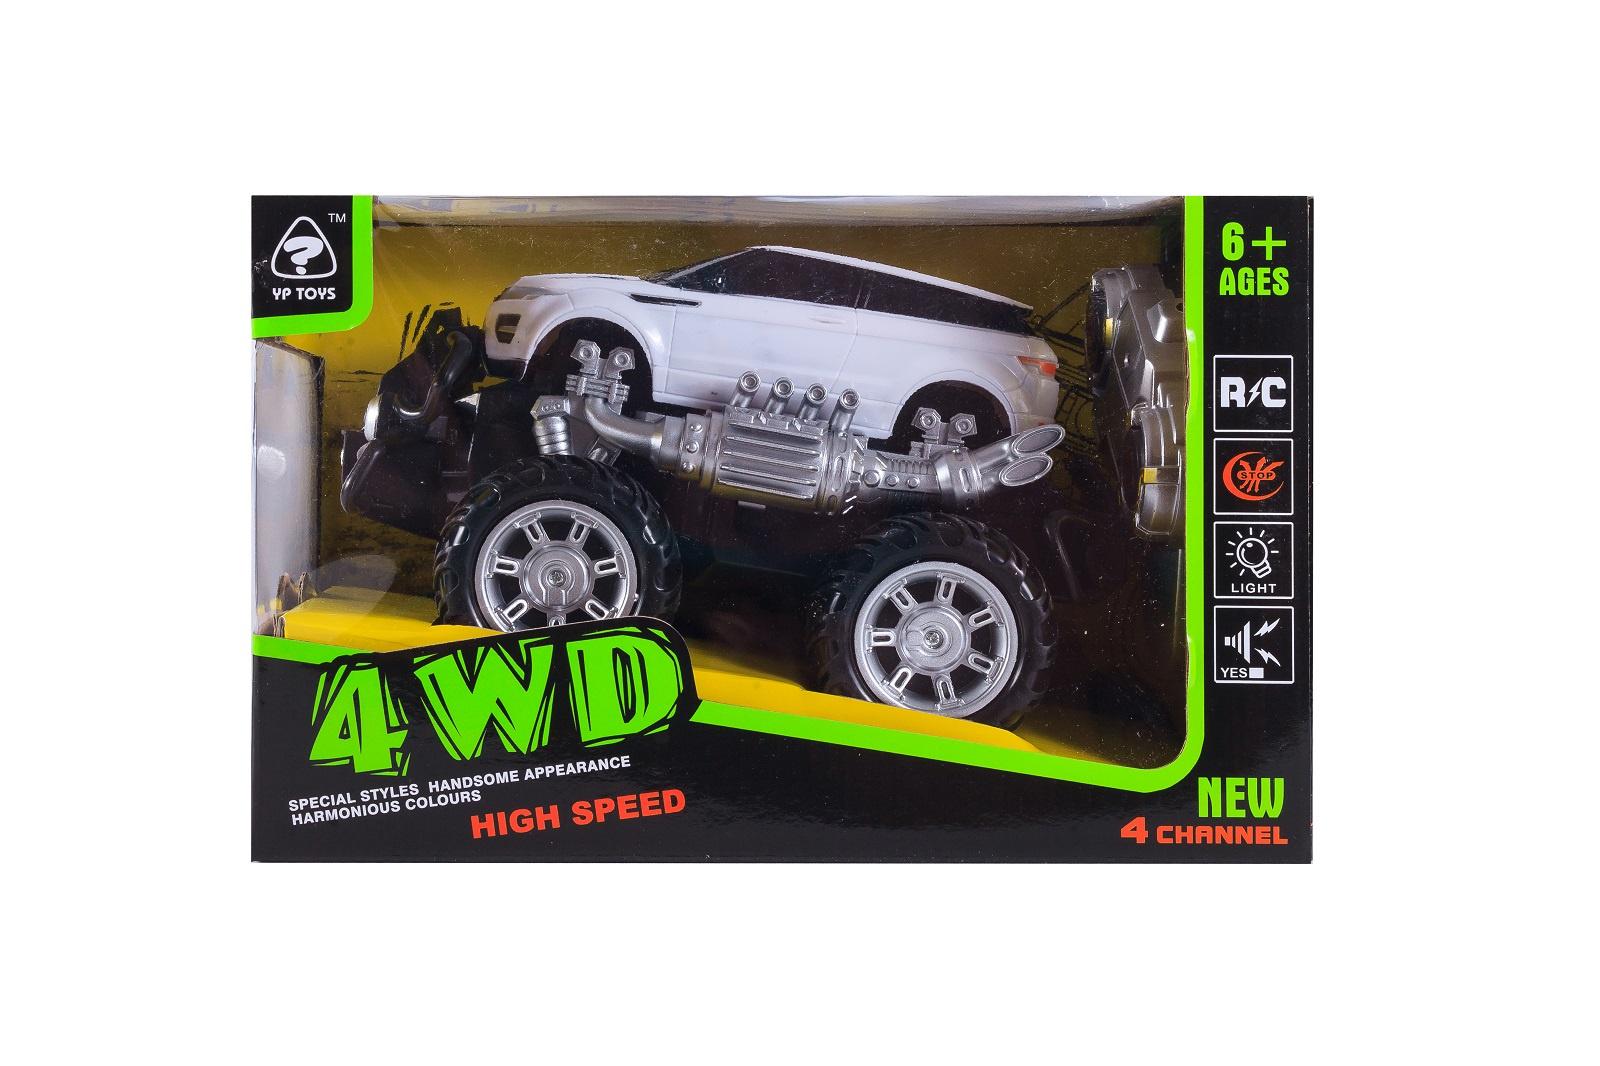 Машинка радиоуправляемая S+S Toys, 100677379, белый машины s s toys машинка радиоуправляемая мега драйв